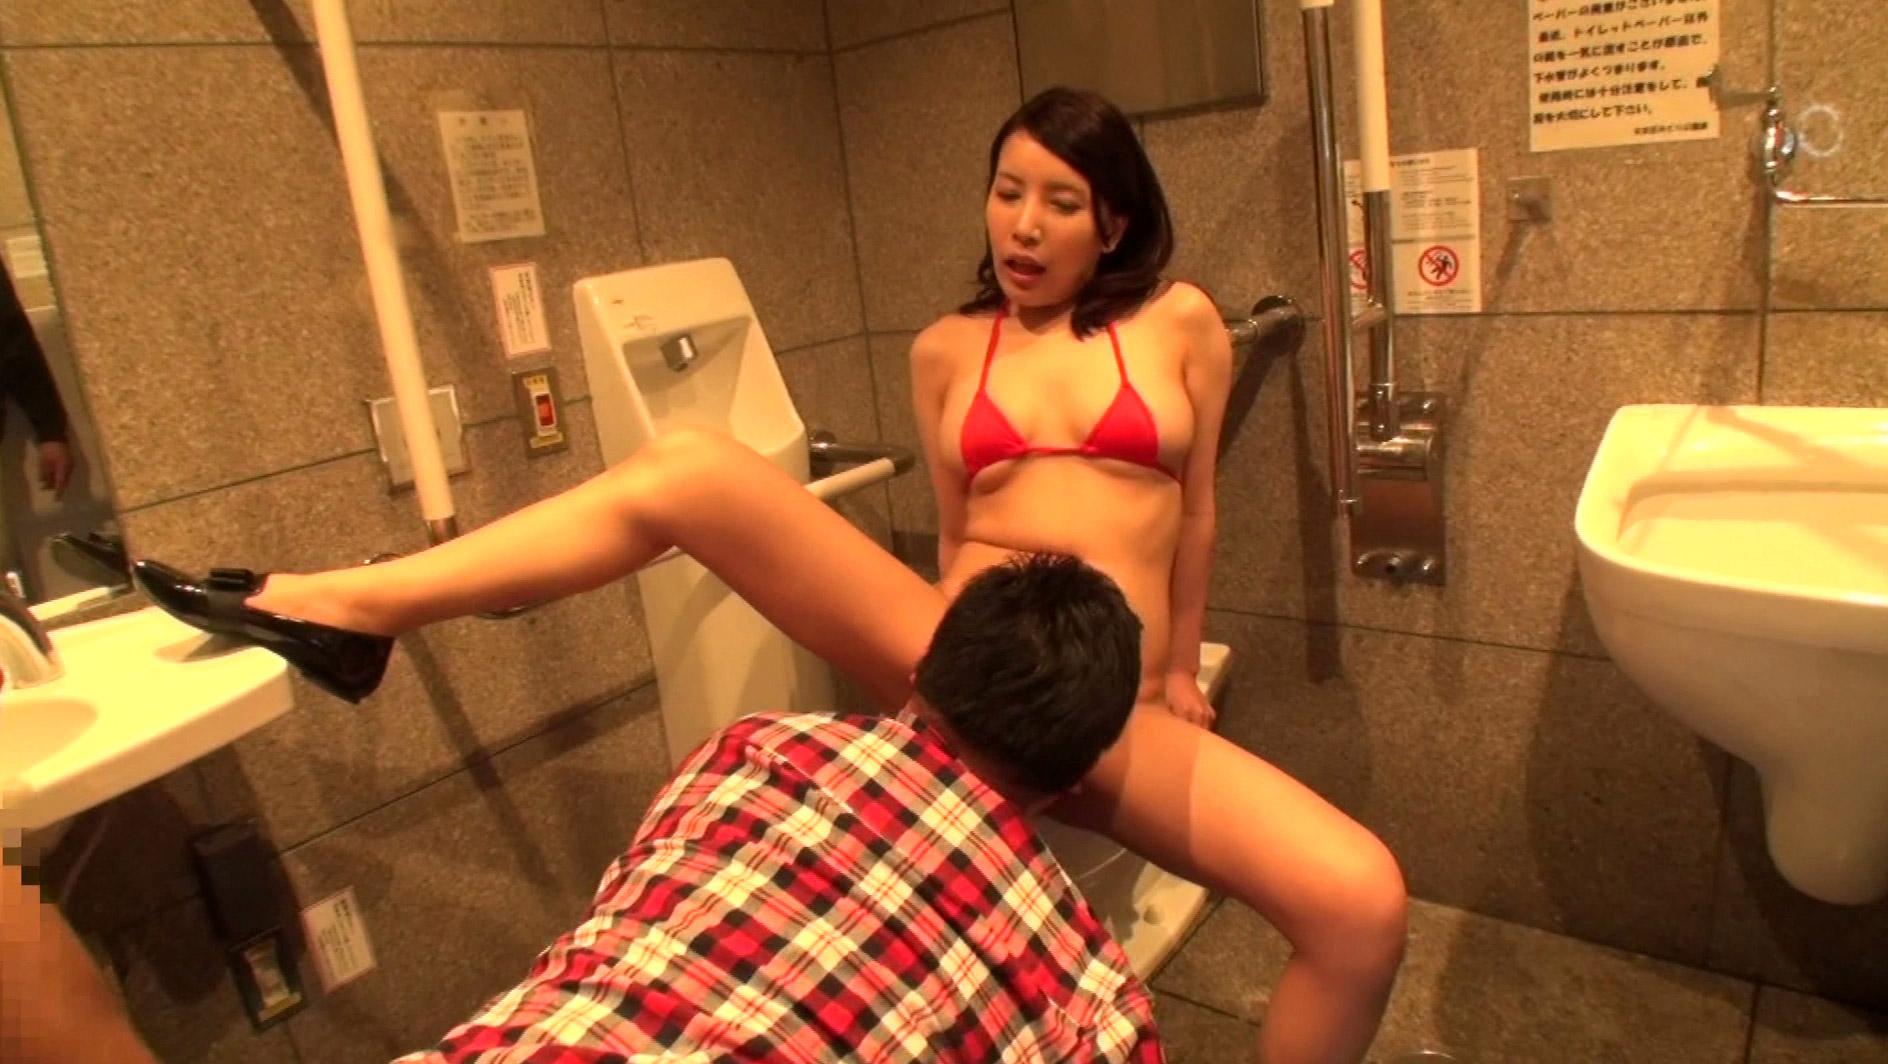 【ワッショーイ!】 身障者用トイレでハメる興奮度は異常wwwwwwwwwwwwwwwwwwwwwwwwwww・2枚目